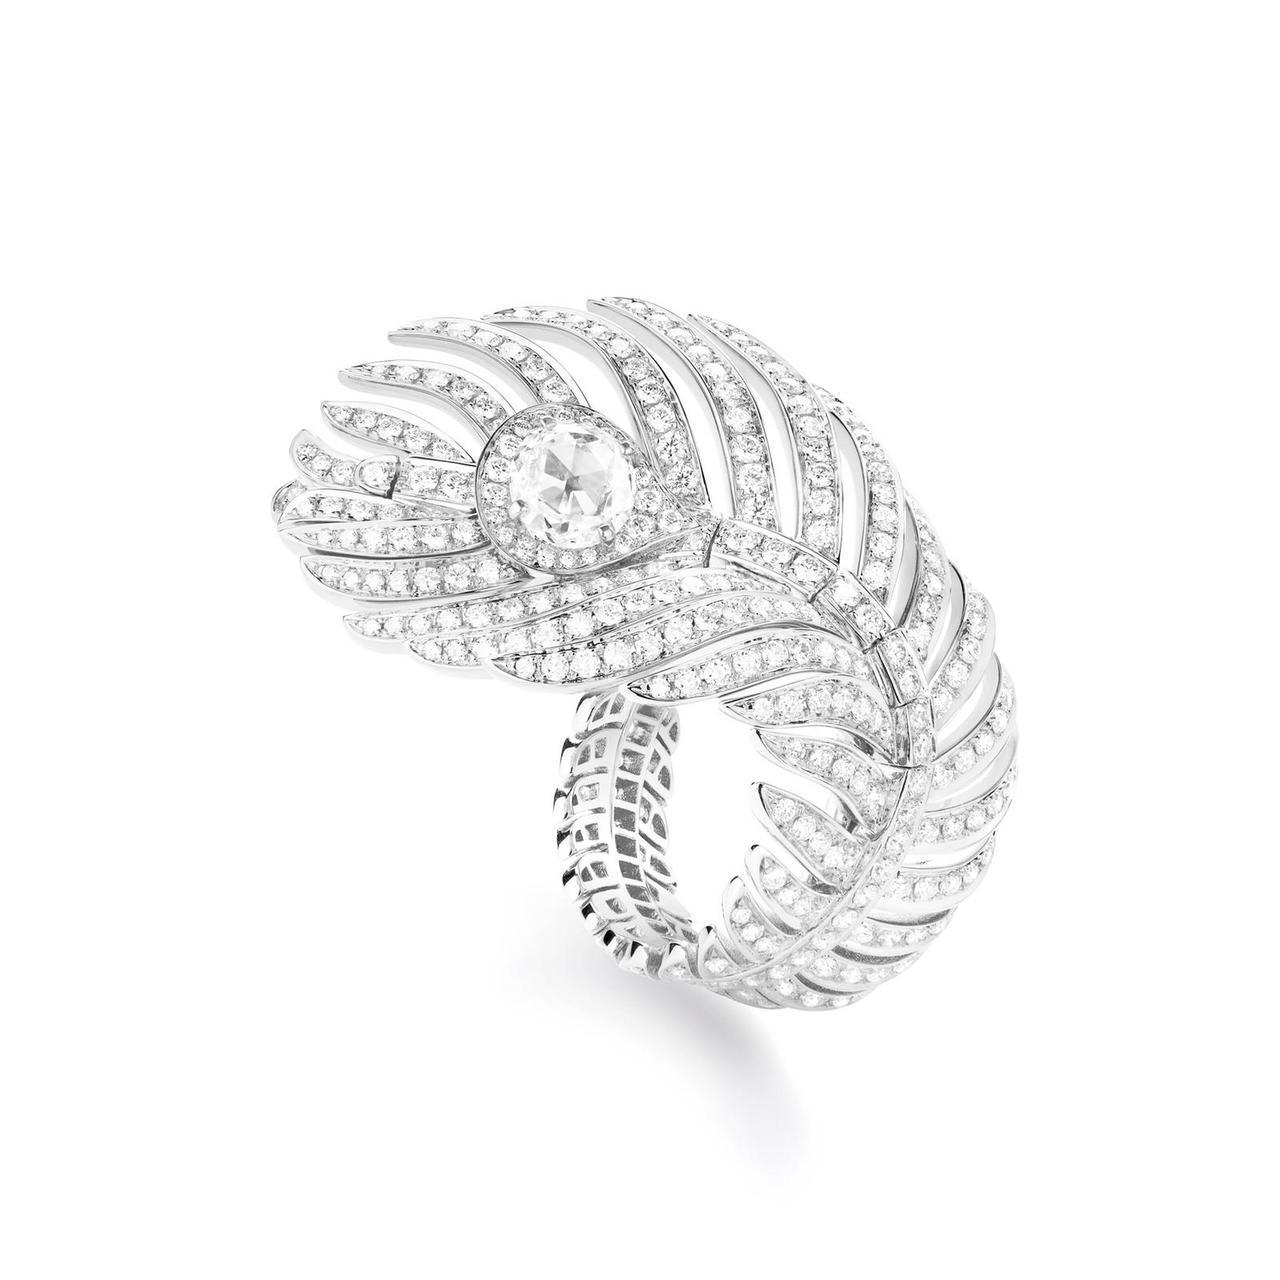 林依晨配戴寶詩龍頂級珠寶系列孔雀羽毛鑽石戒指,約138萬元。圖/寶詩龍提供